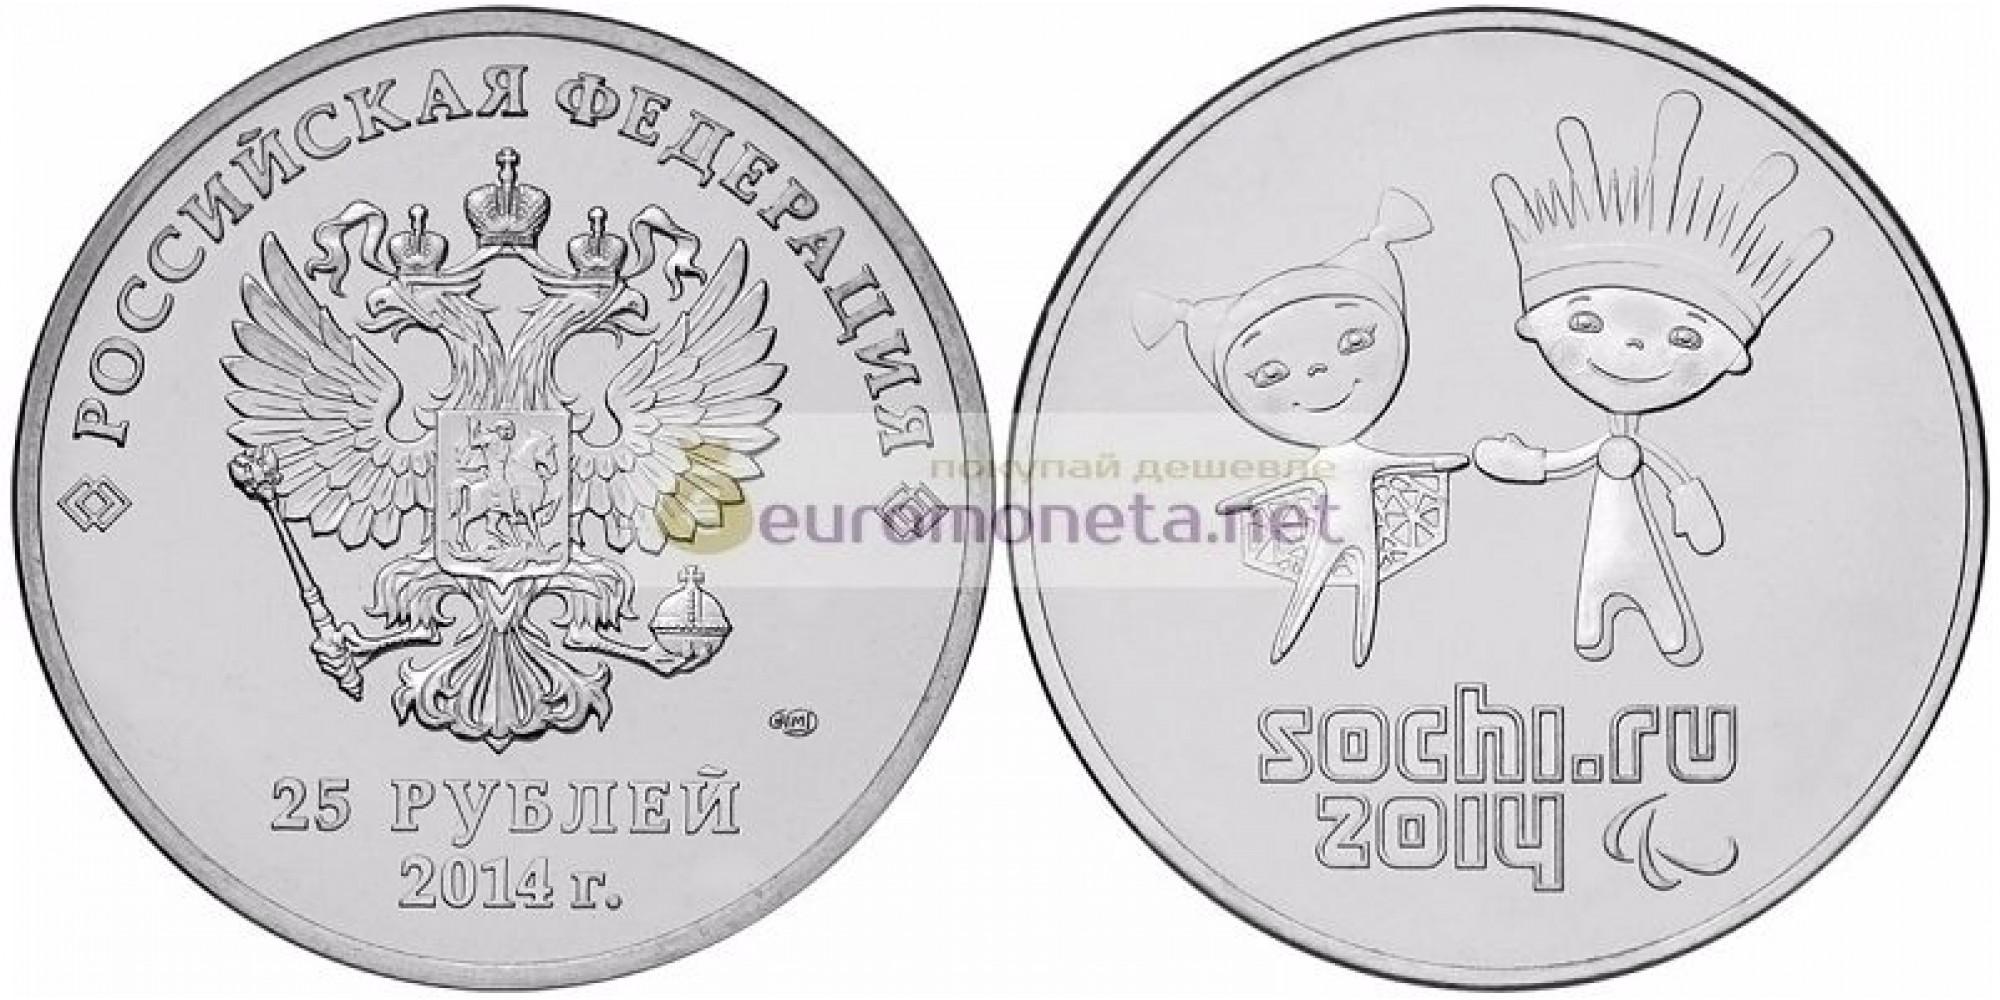 25 рублей 2014 год XXII Олимпийские зимние игры и XI Паралимпийские зимние игры 2014 года в г. Сочи